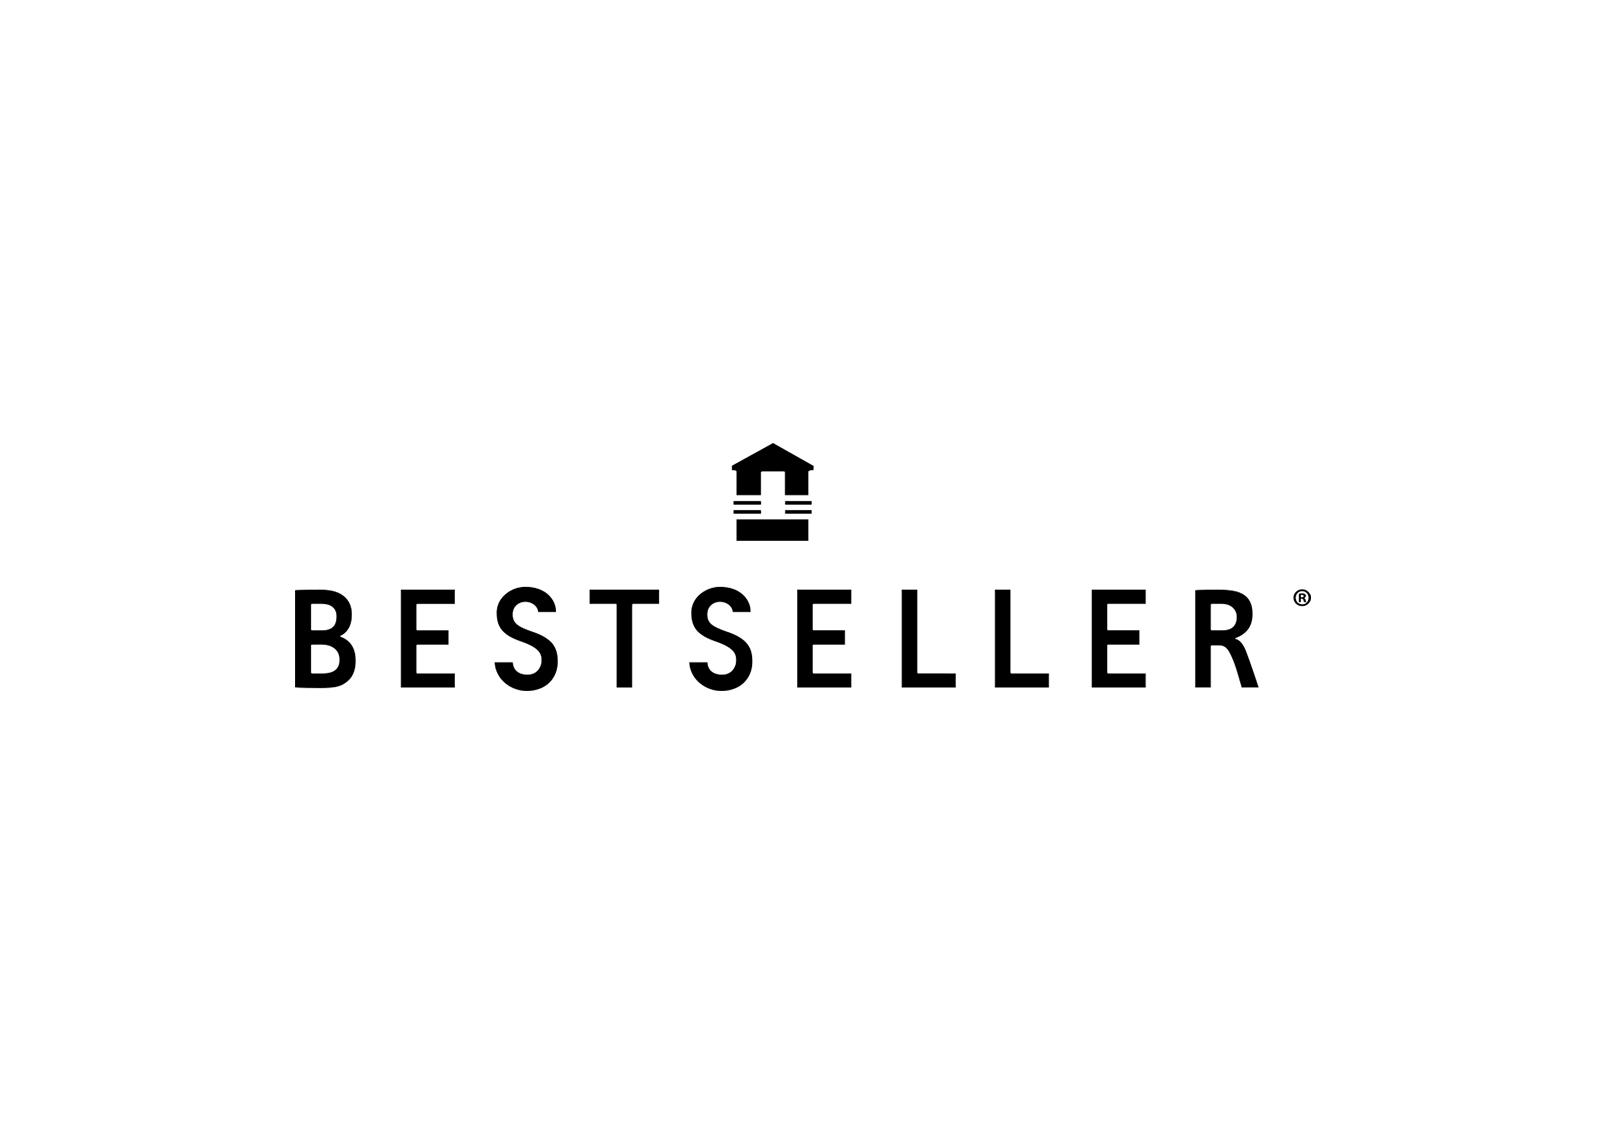 Bestseller-logo.jpg